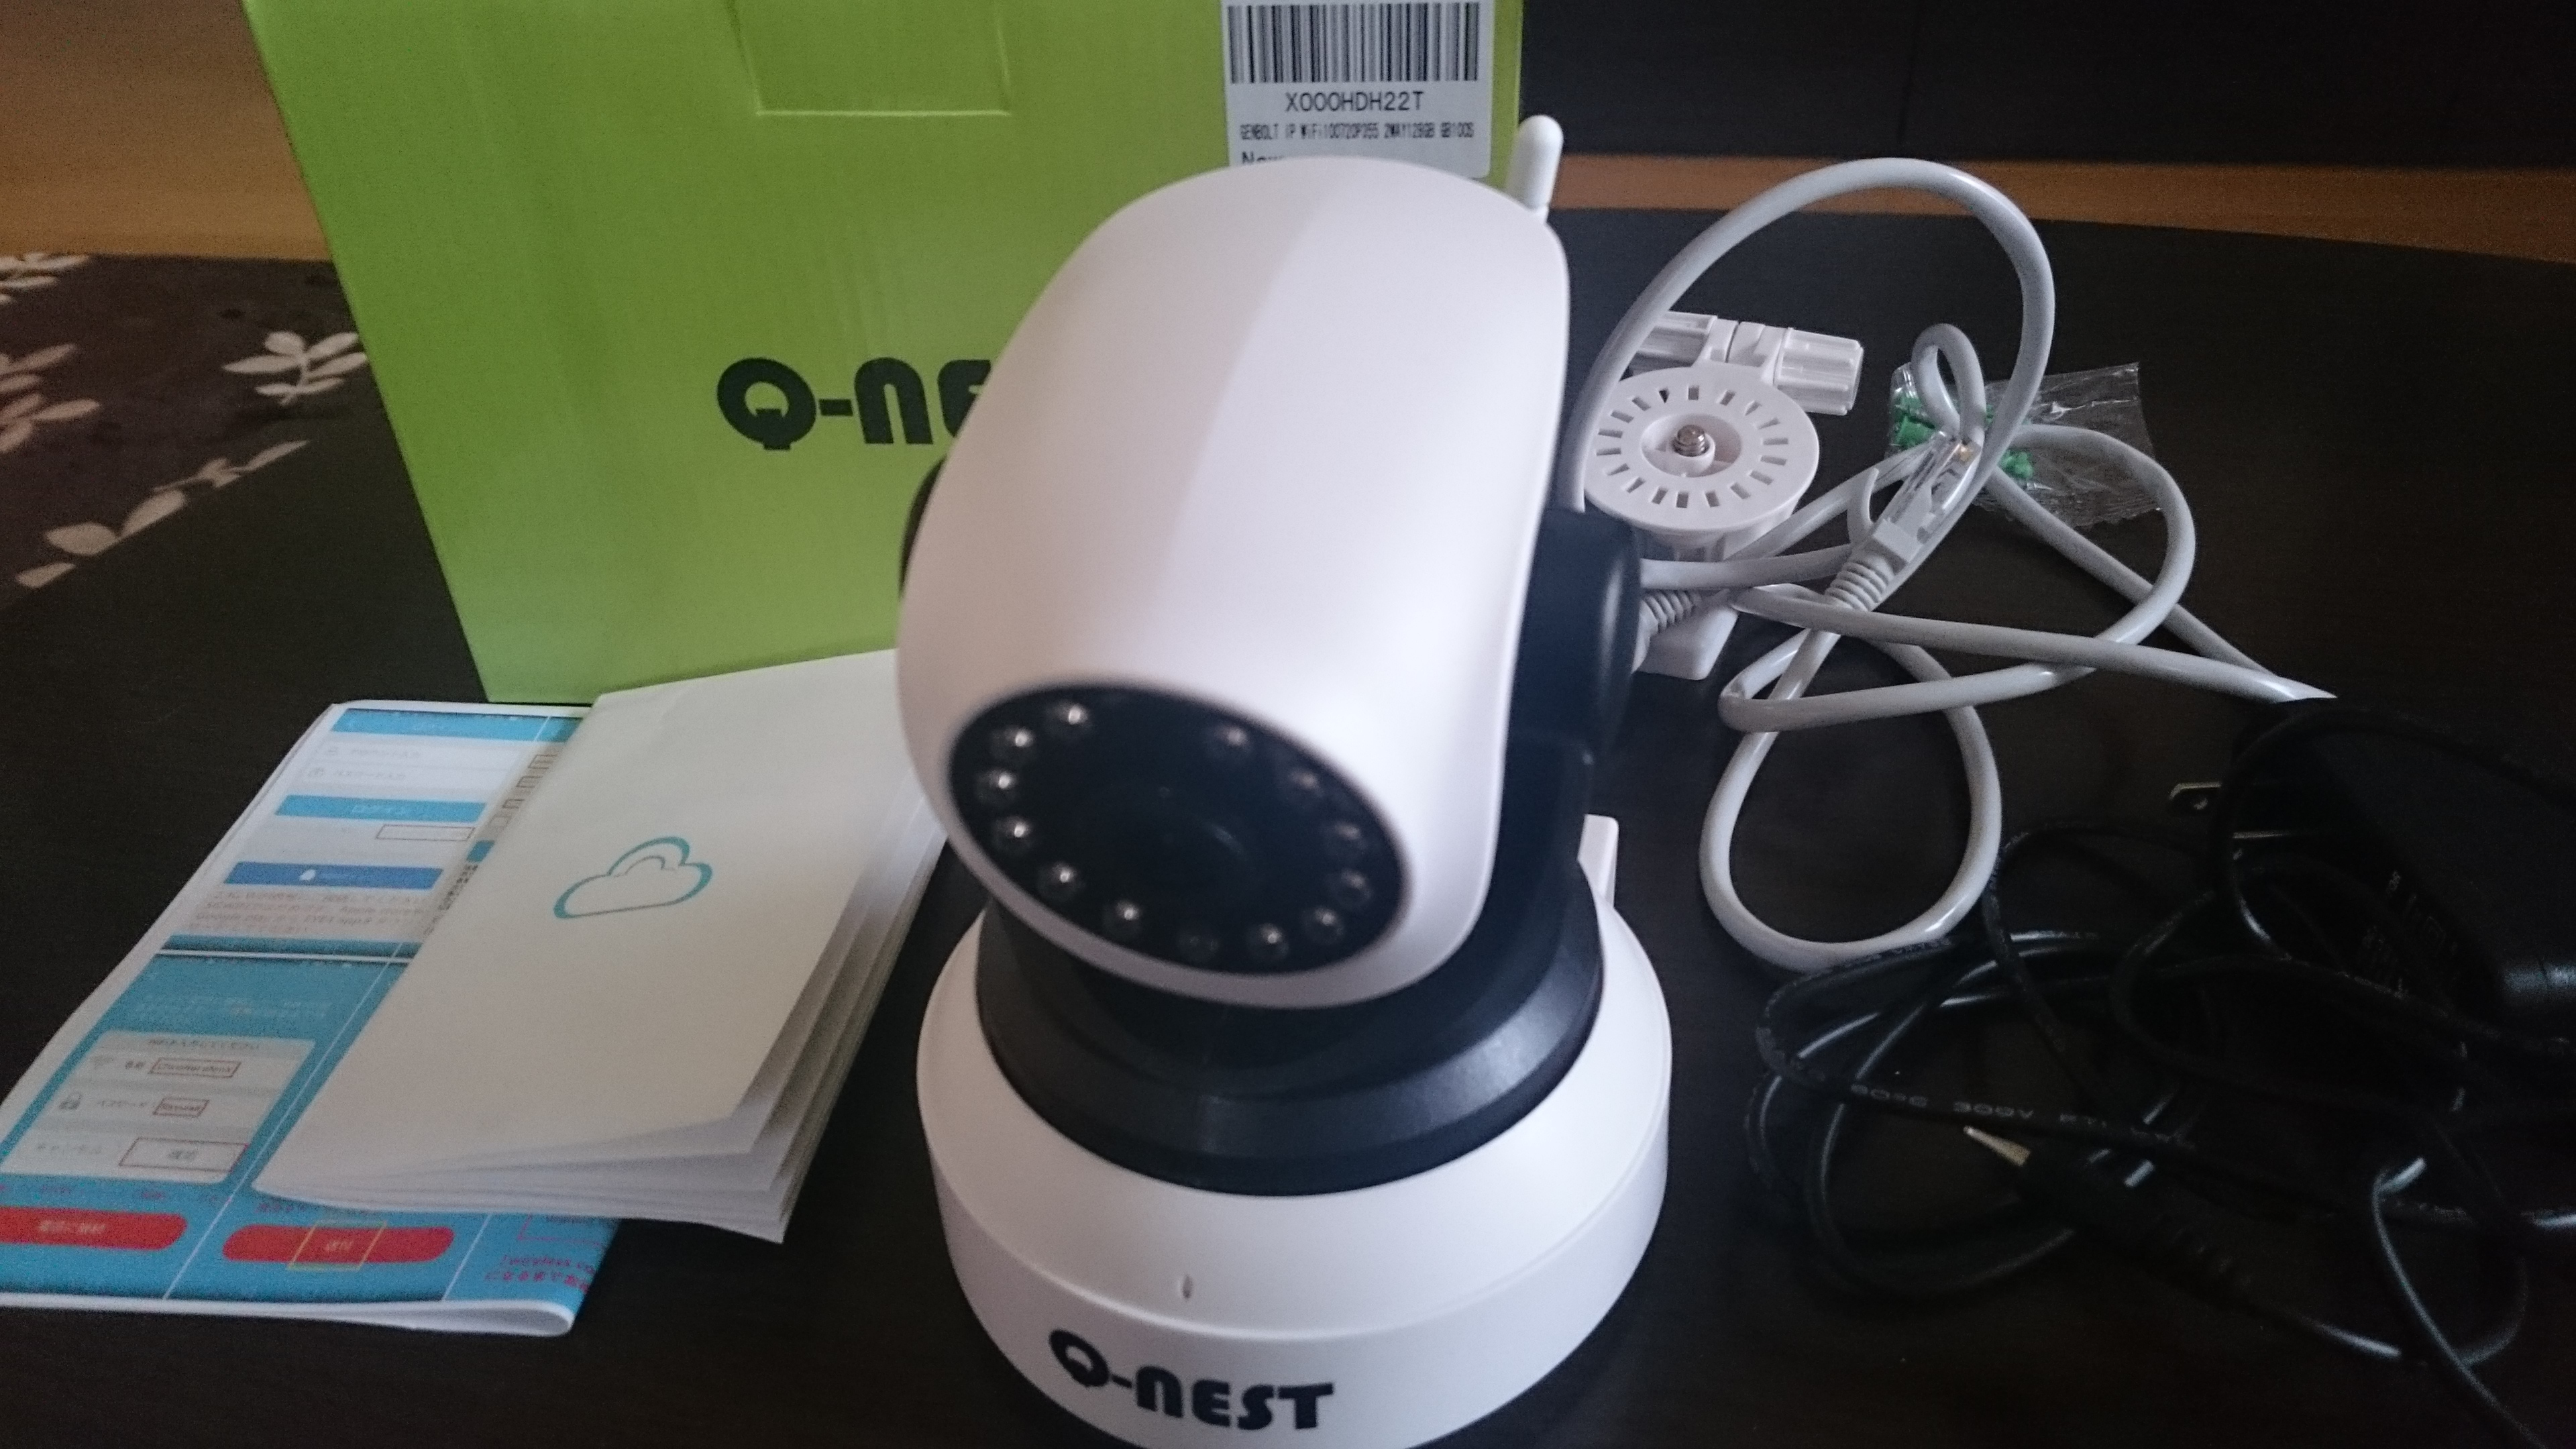 GENBOLTの「GB100S」は初めてのネットワークカメラにおすすめ!